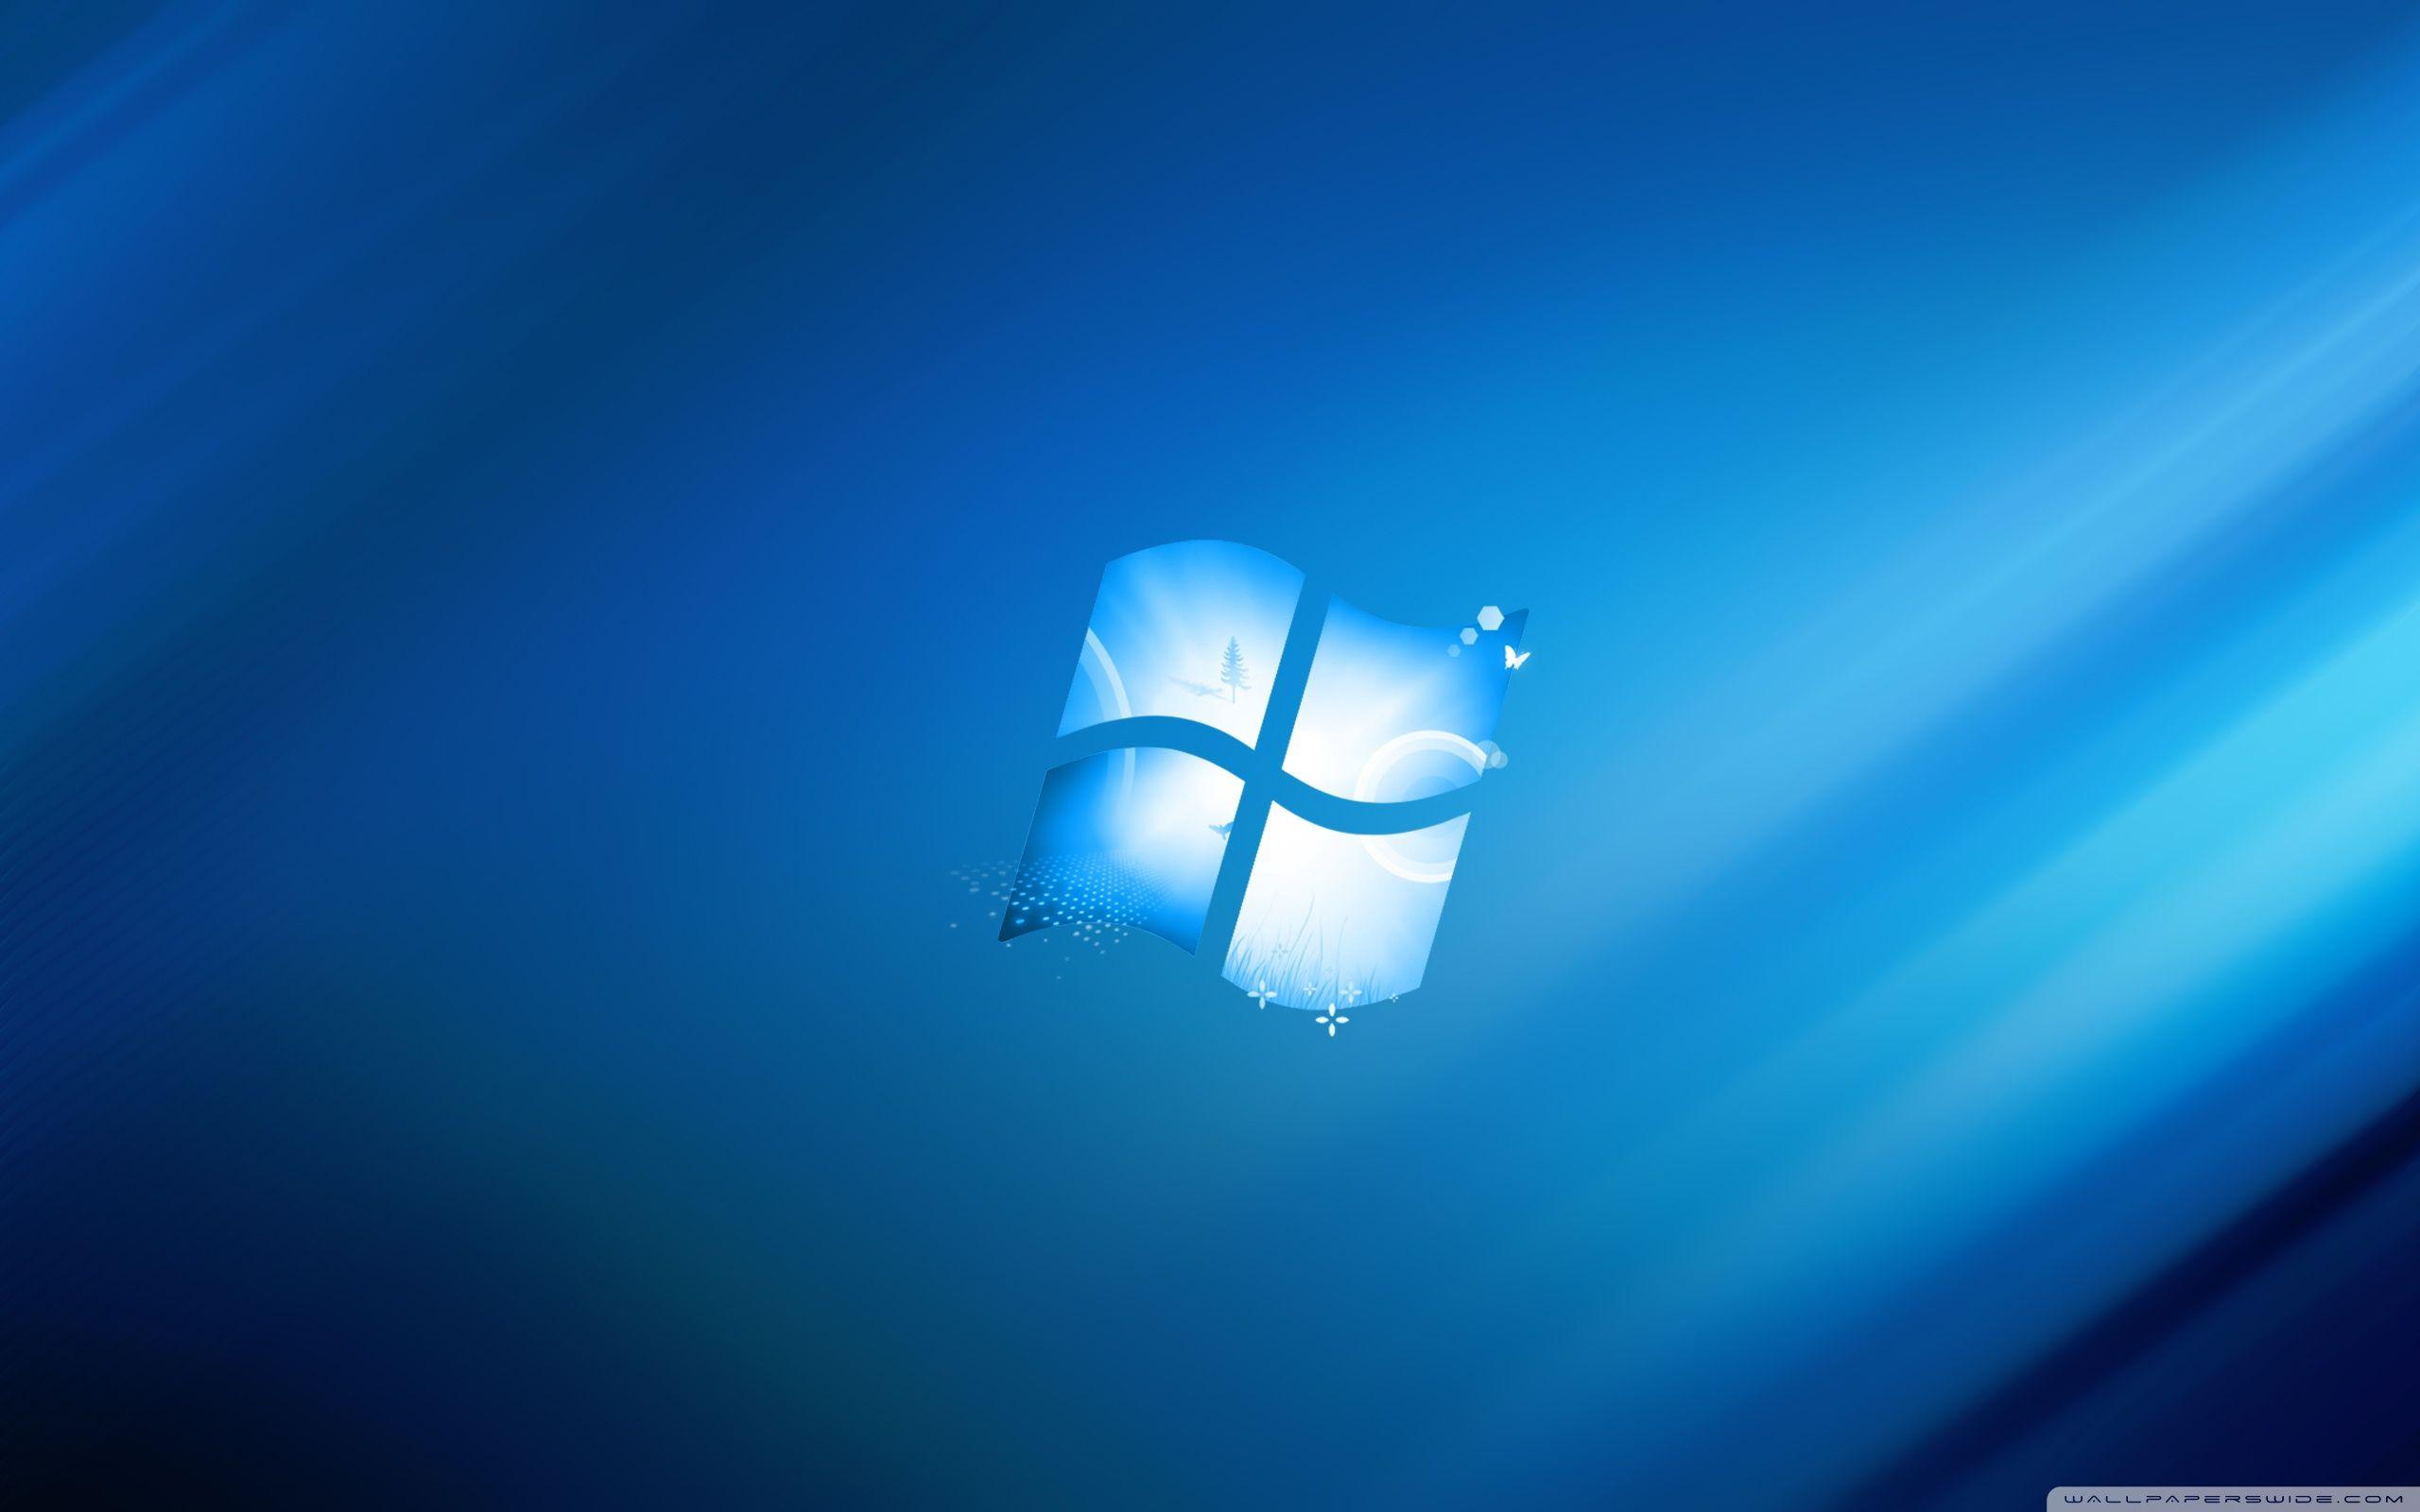 Desktop Backgrounds HD For Windows HD Wallpapers desktop HD 2560x1600